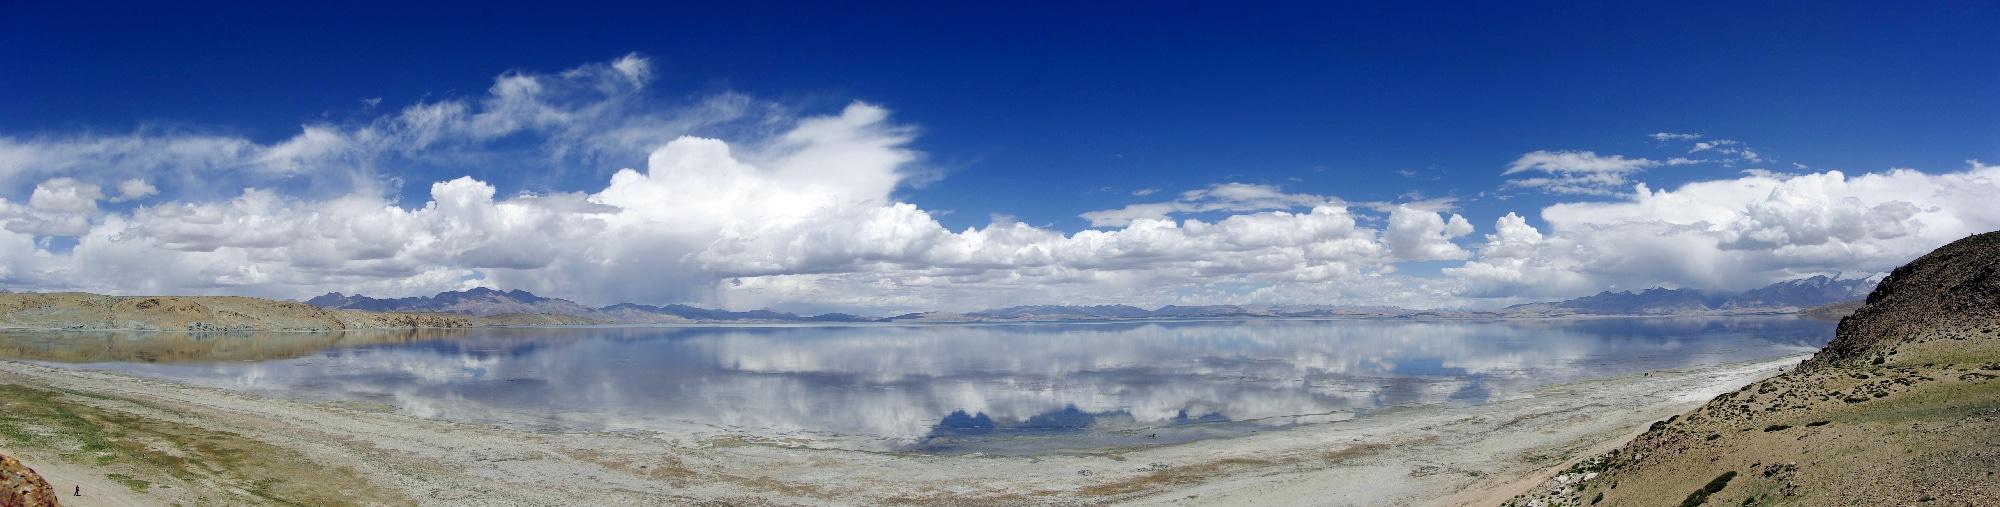 Le lac sacré de Manasarovar à 4 590 m d'altitude.